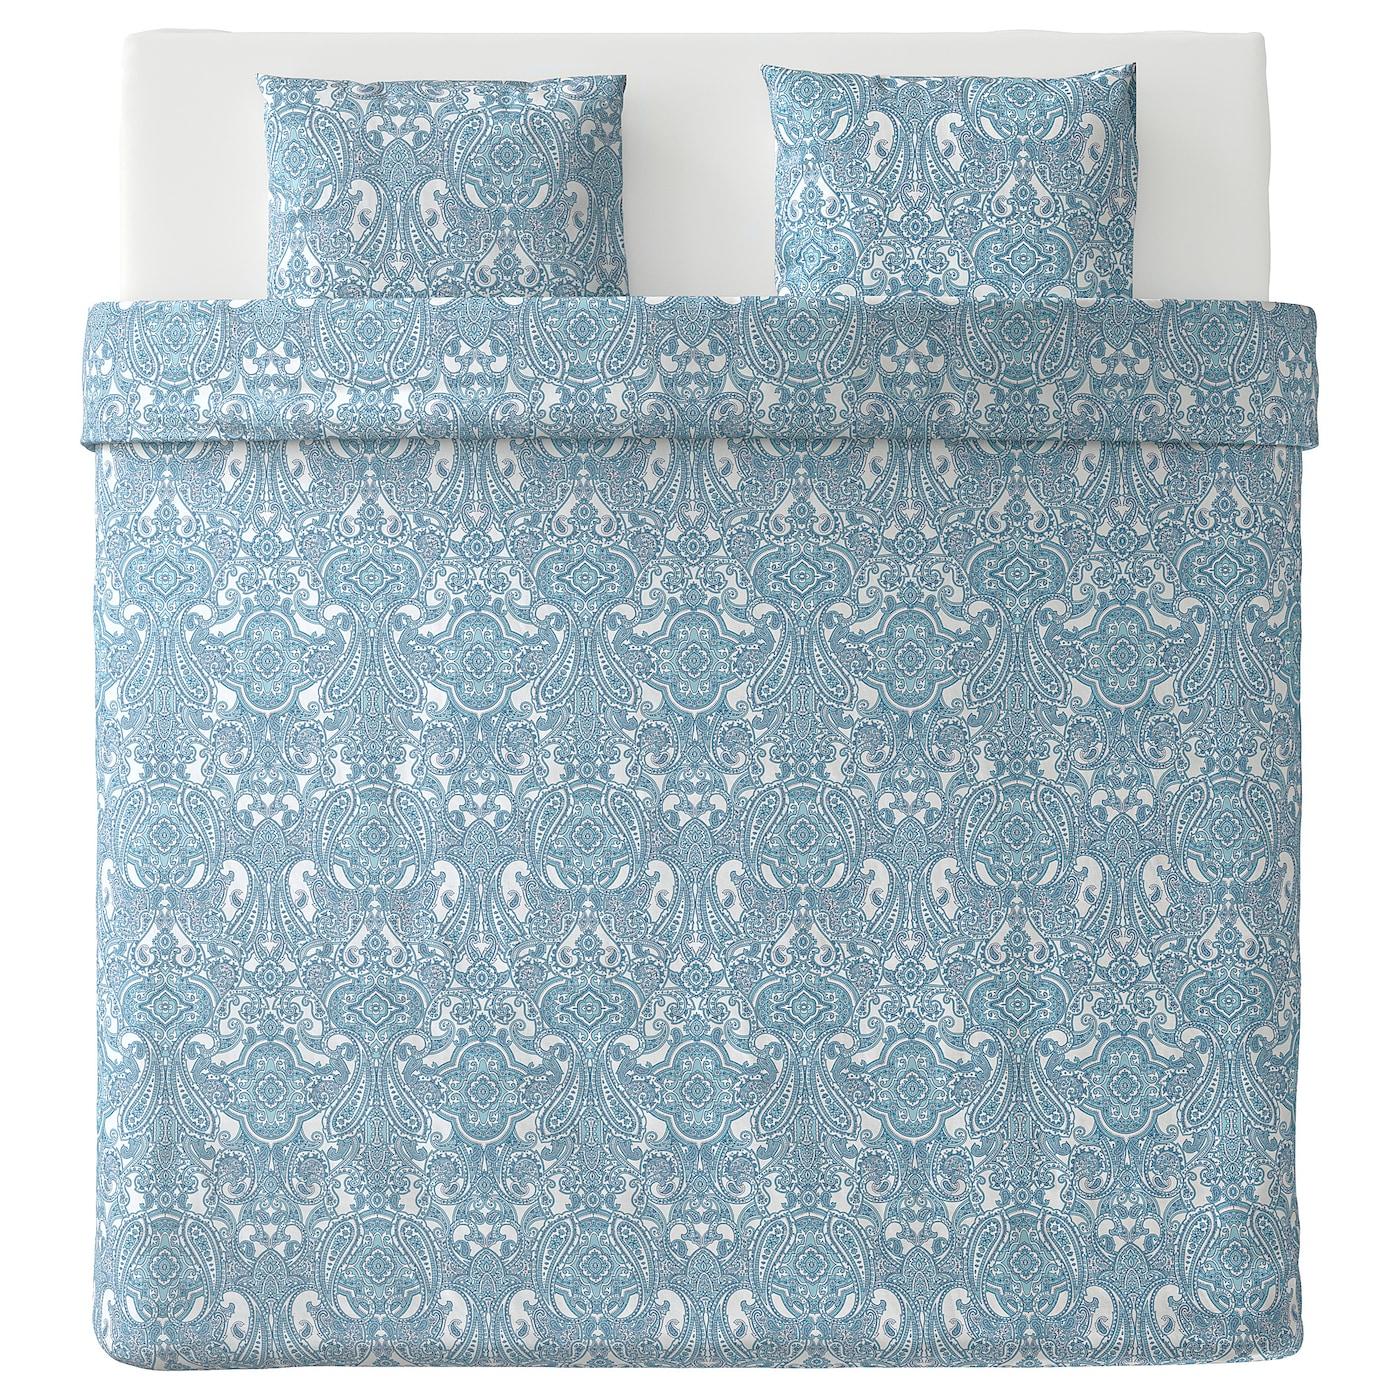 dekbedovertrekken goedkope dekbedovertrek online kopen ikea. Black Bedroom Furniture Sets. Home Design Ideas